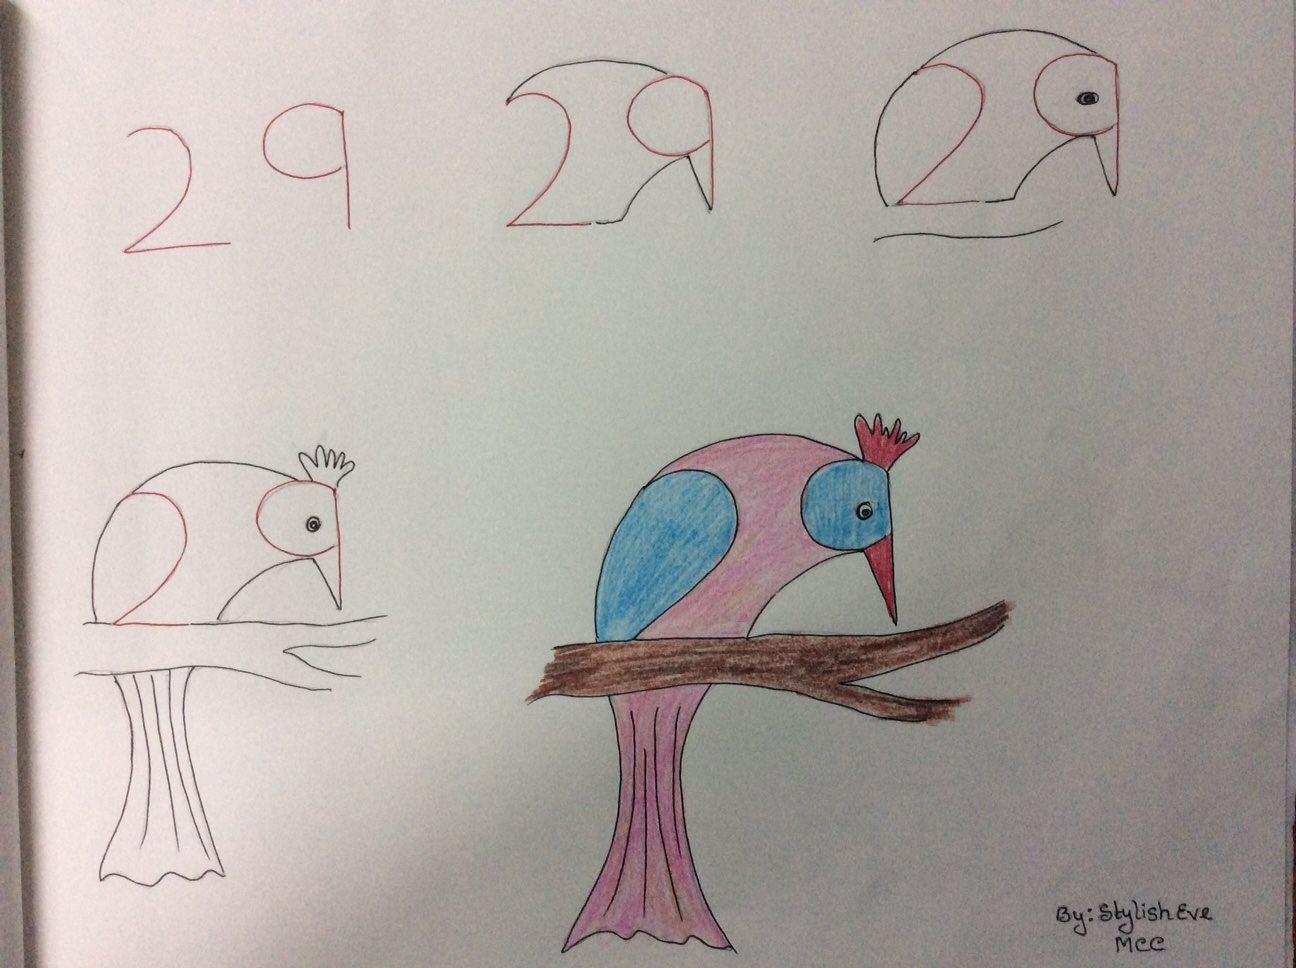 بالصور رسومات جميلة وسهلة , اجمل صور رسومات اطفال بالقلم الرصاص للتعليم 1544 6